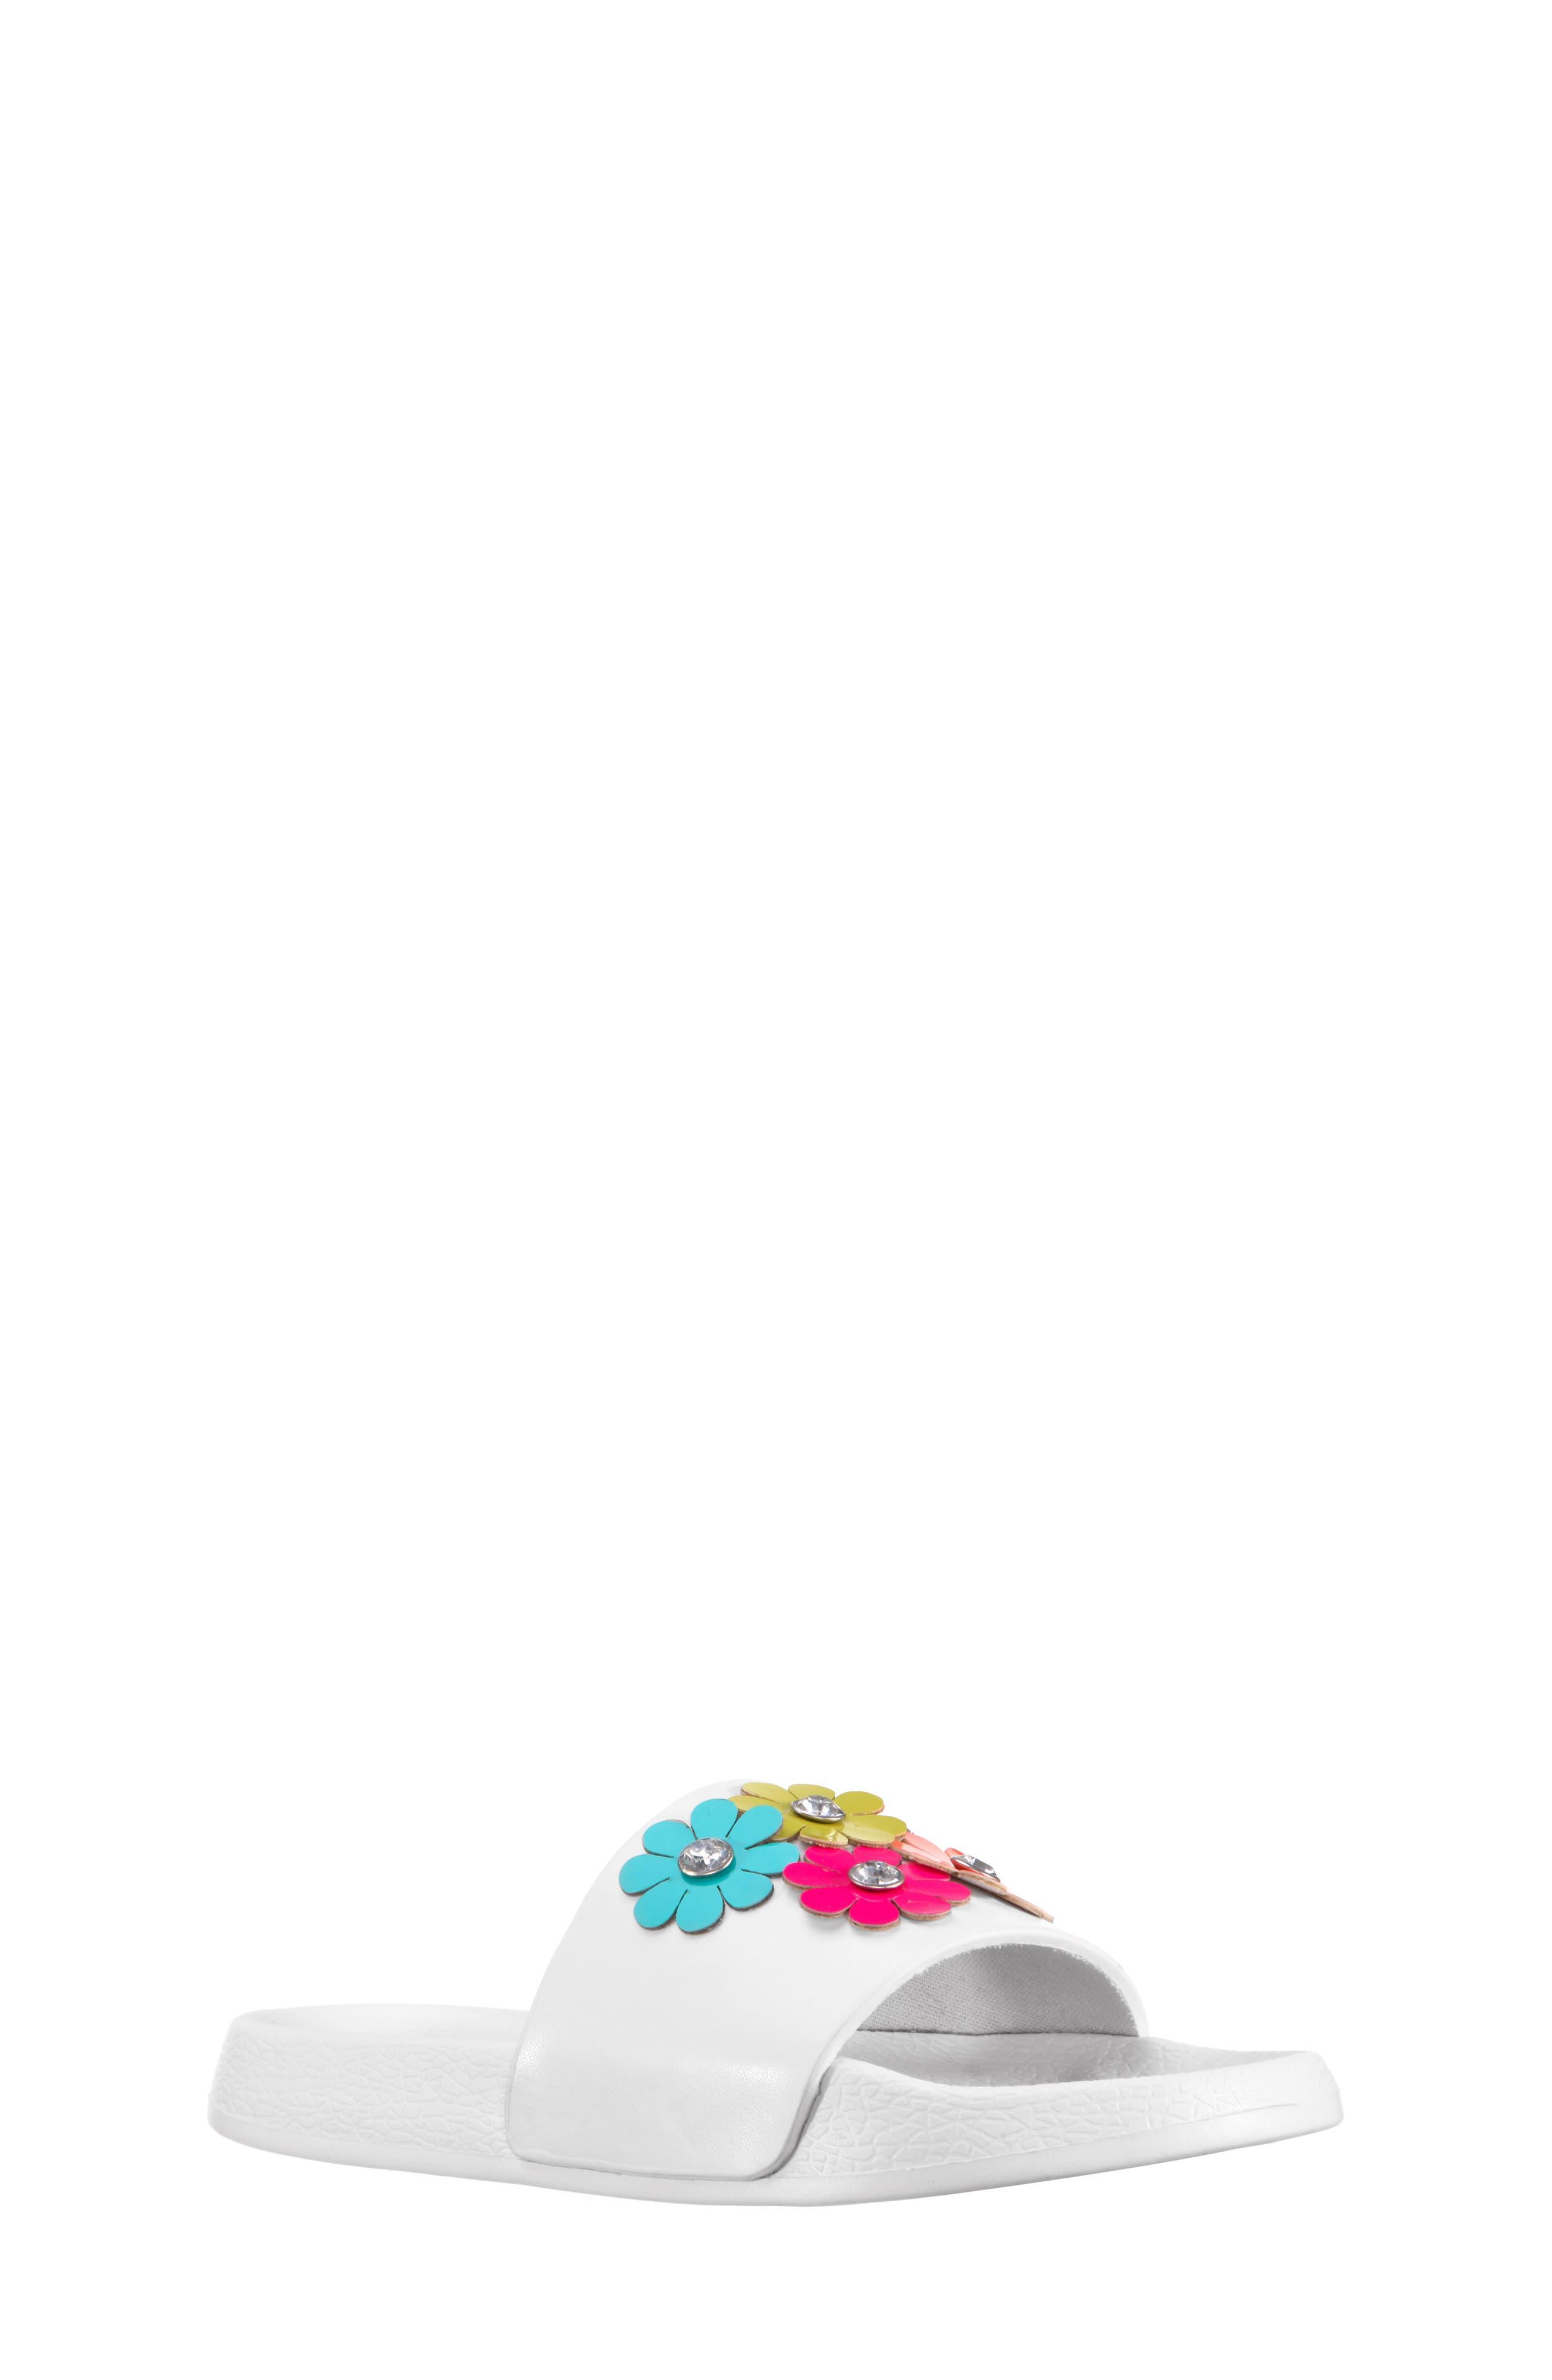 Alternate Image 1 Selected - Nina Flowermaid Embellished Slide Sandal (Little Kid & Big Kid)